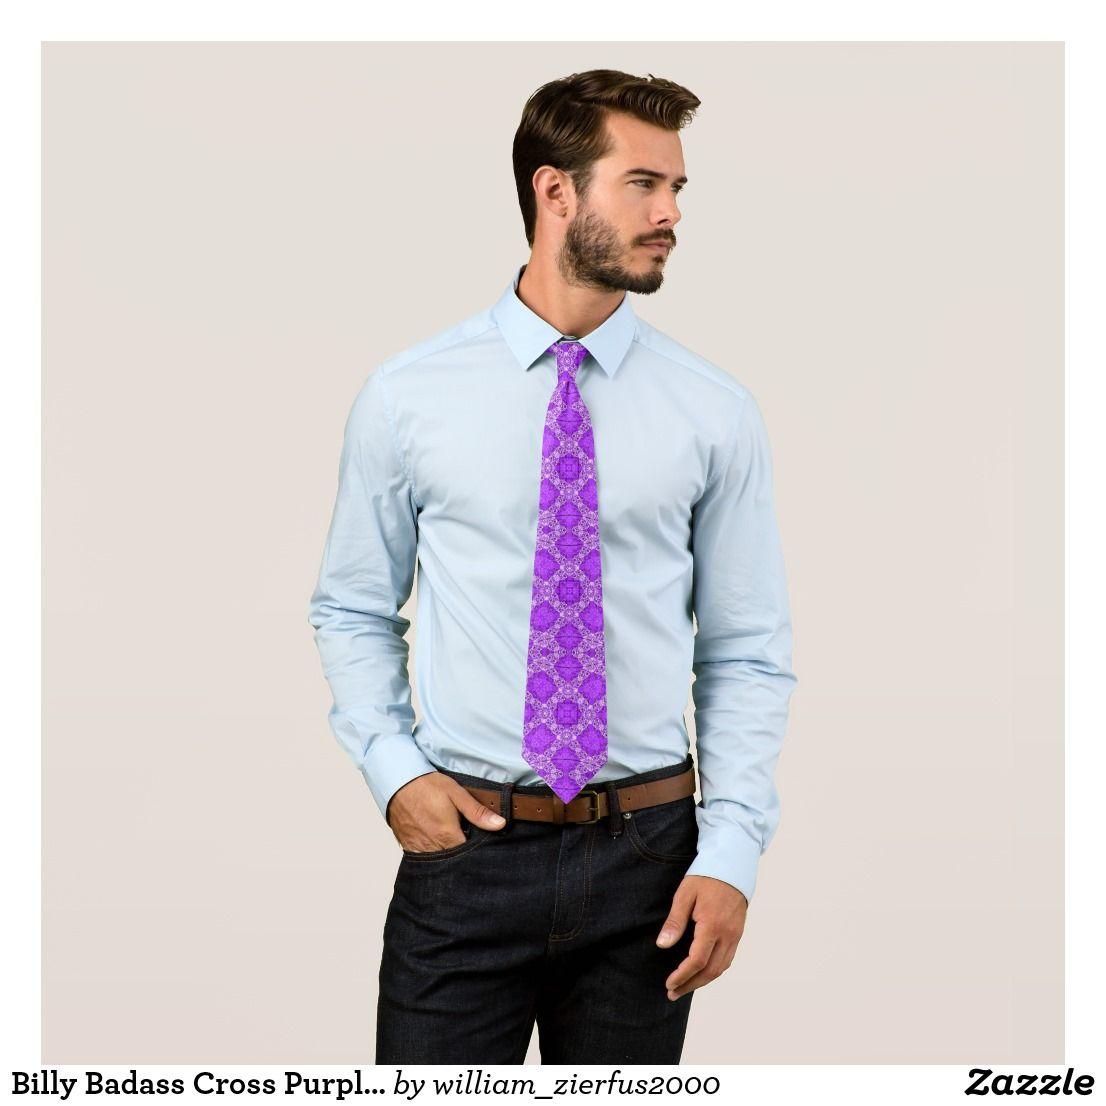 Billy Badass Cross Purple Geo Woven Pattern Tie by Willy Wear.